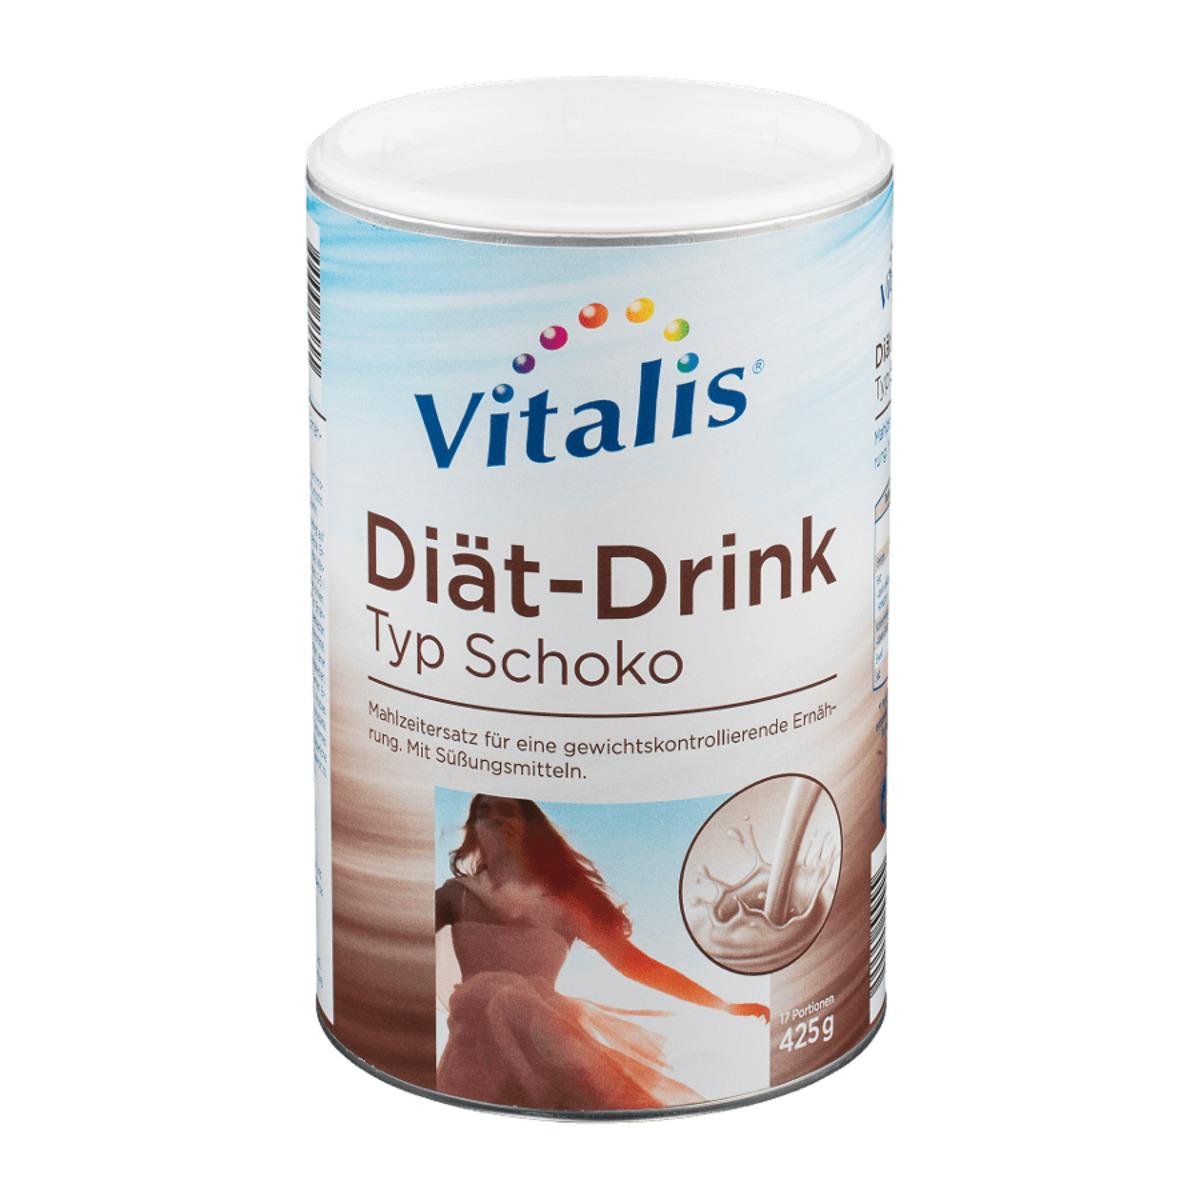 Bild 2 von VITALIS   Diät-Drink